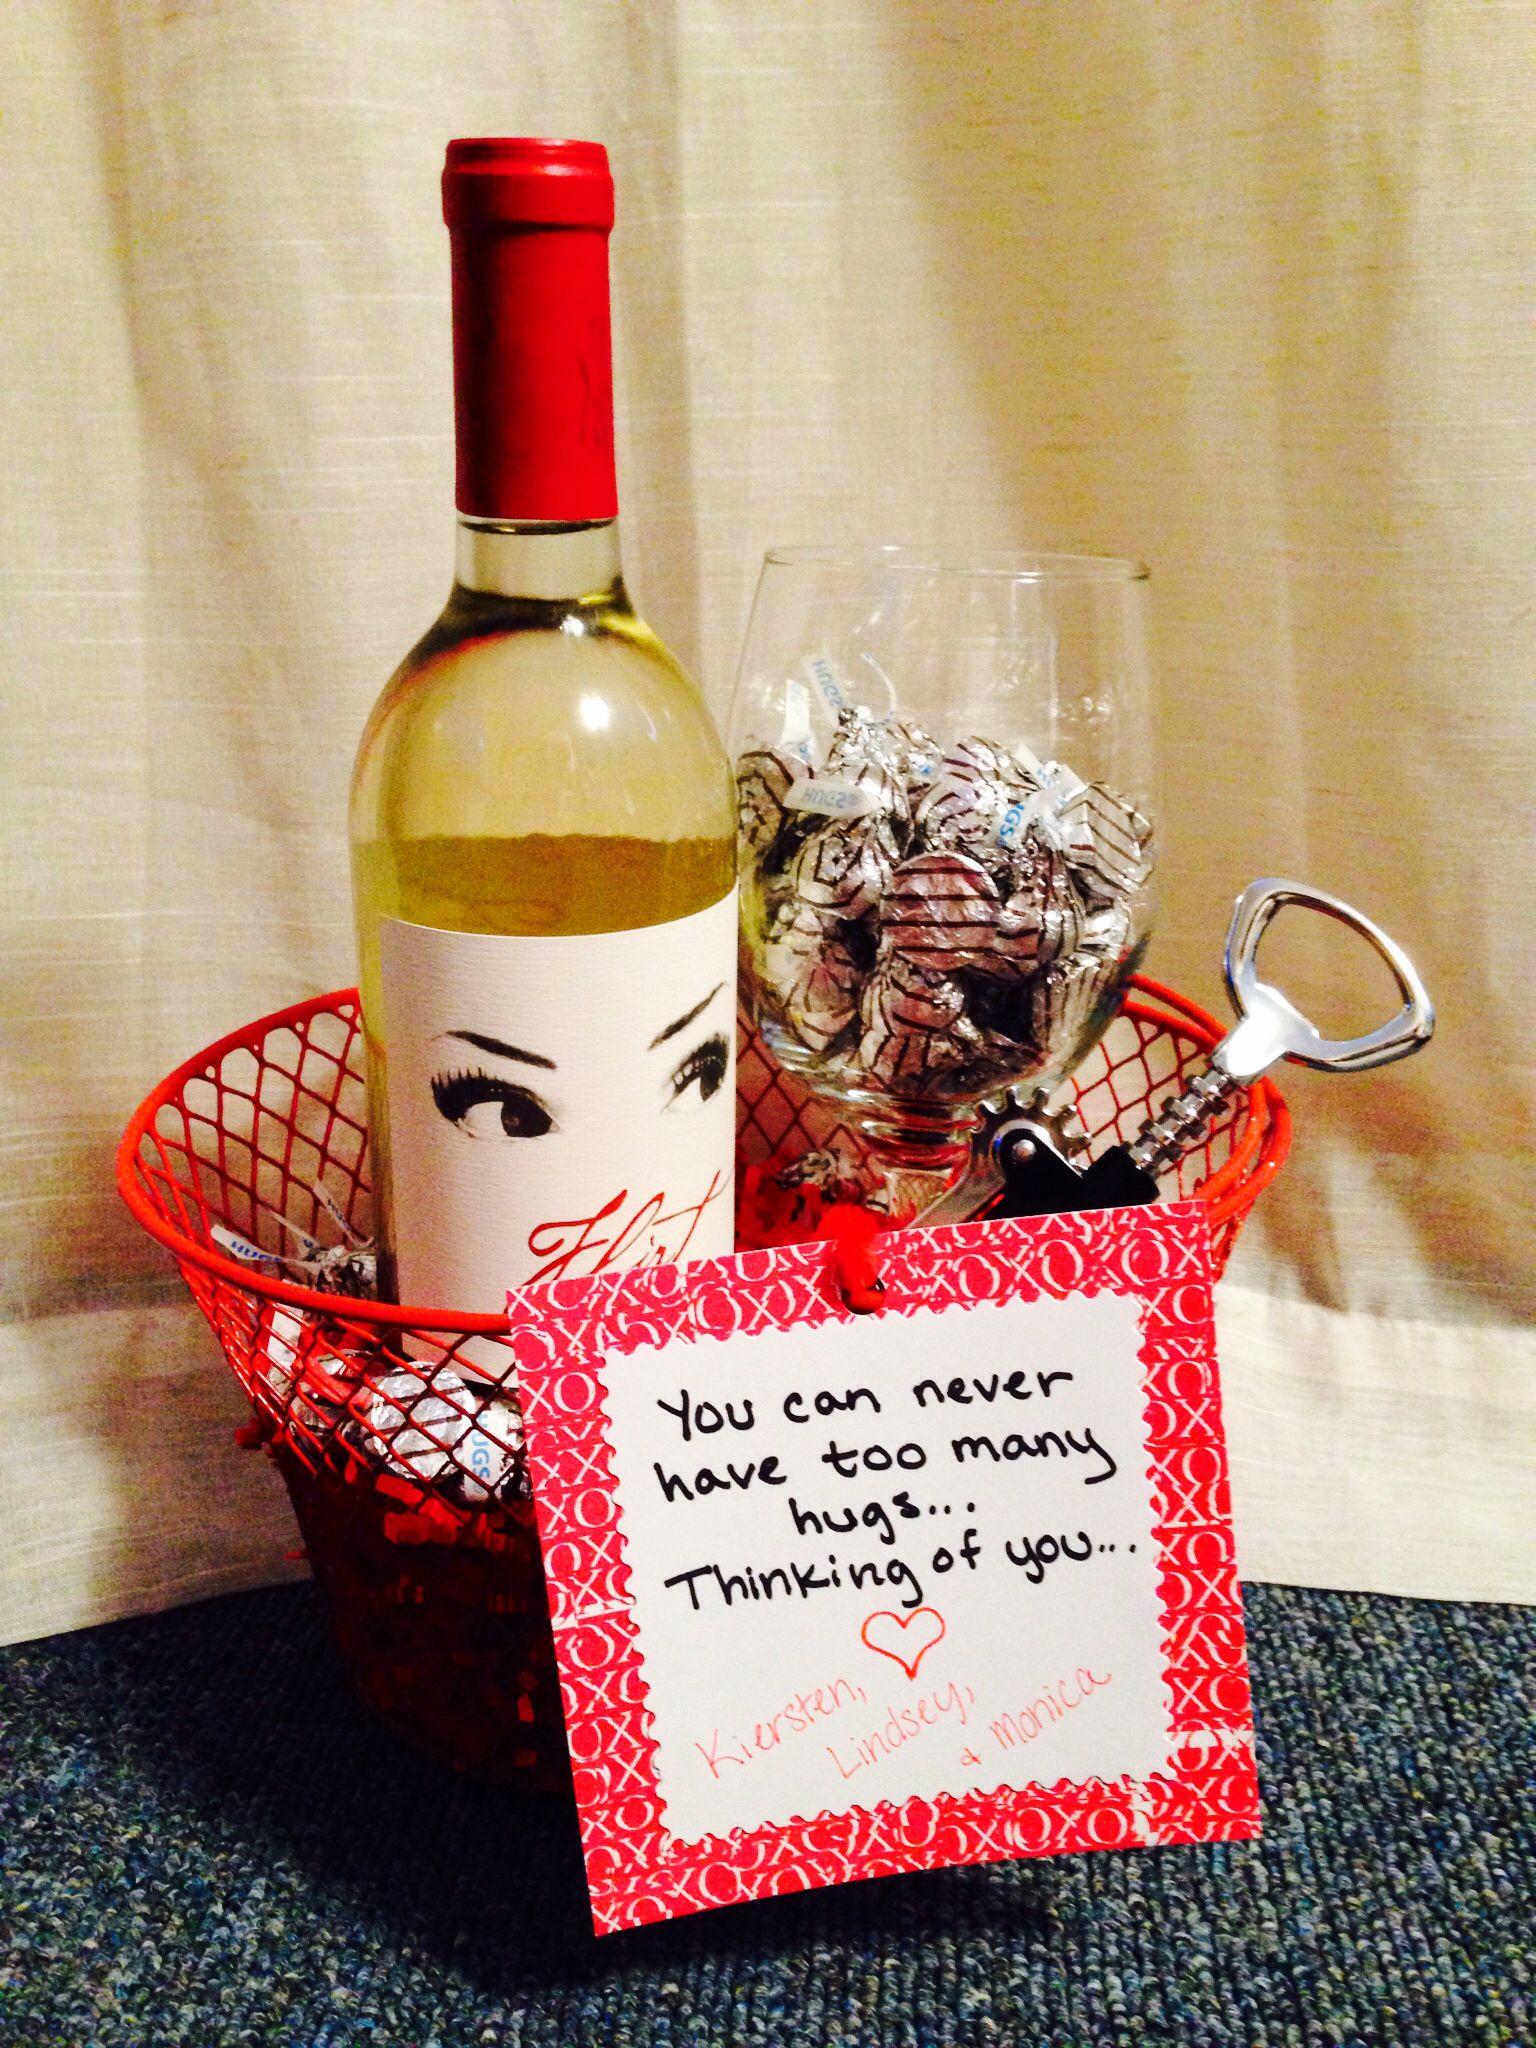 Sympathy Gift For A Friend Wine Wine Glass Corkscrew Hershey